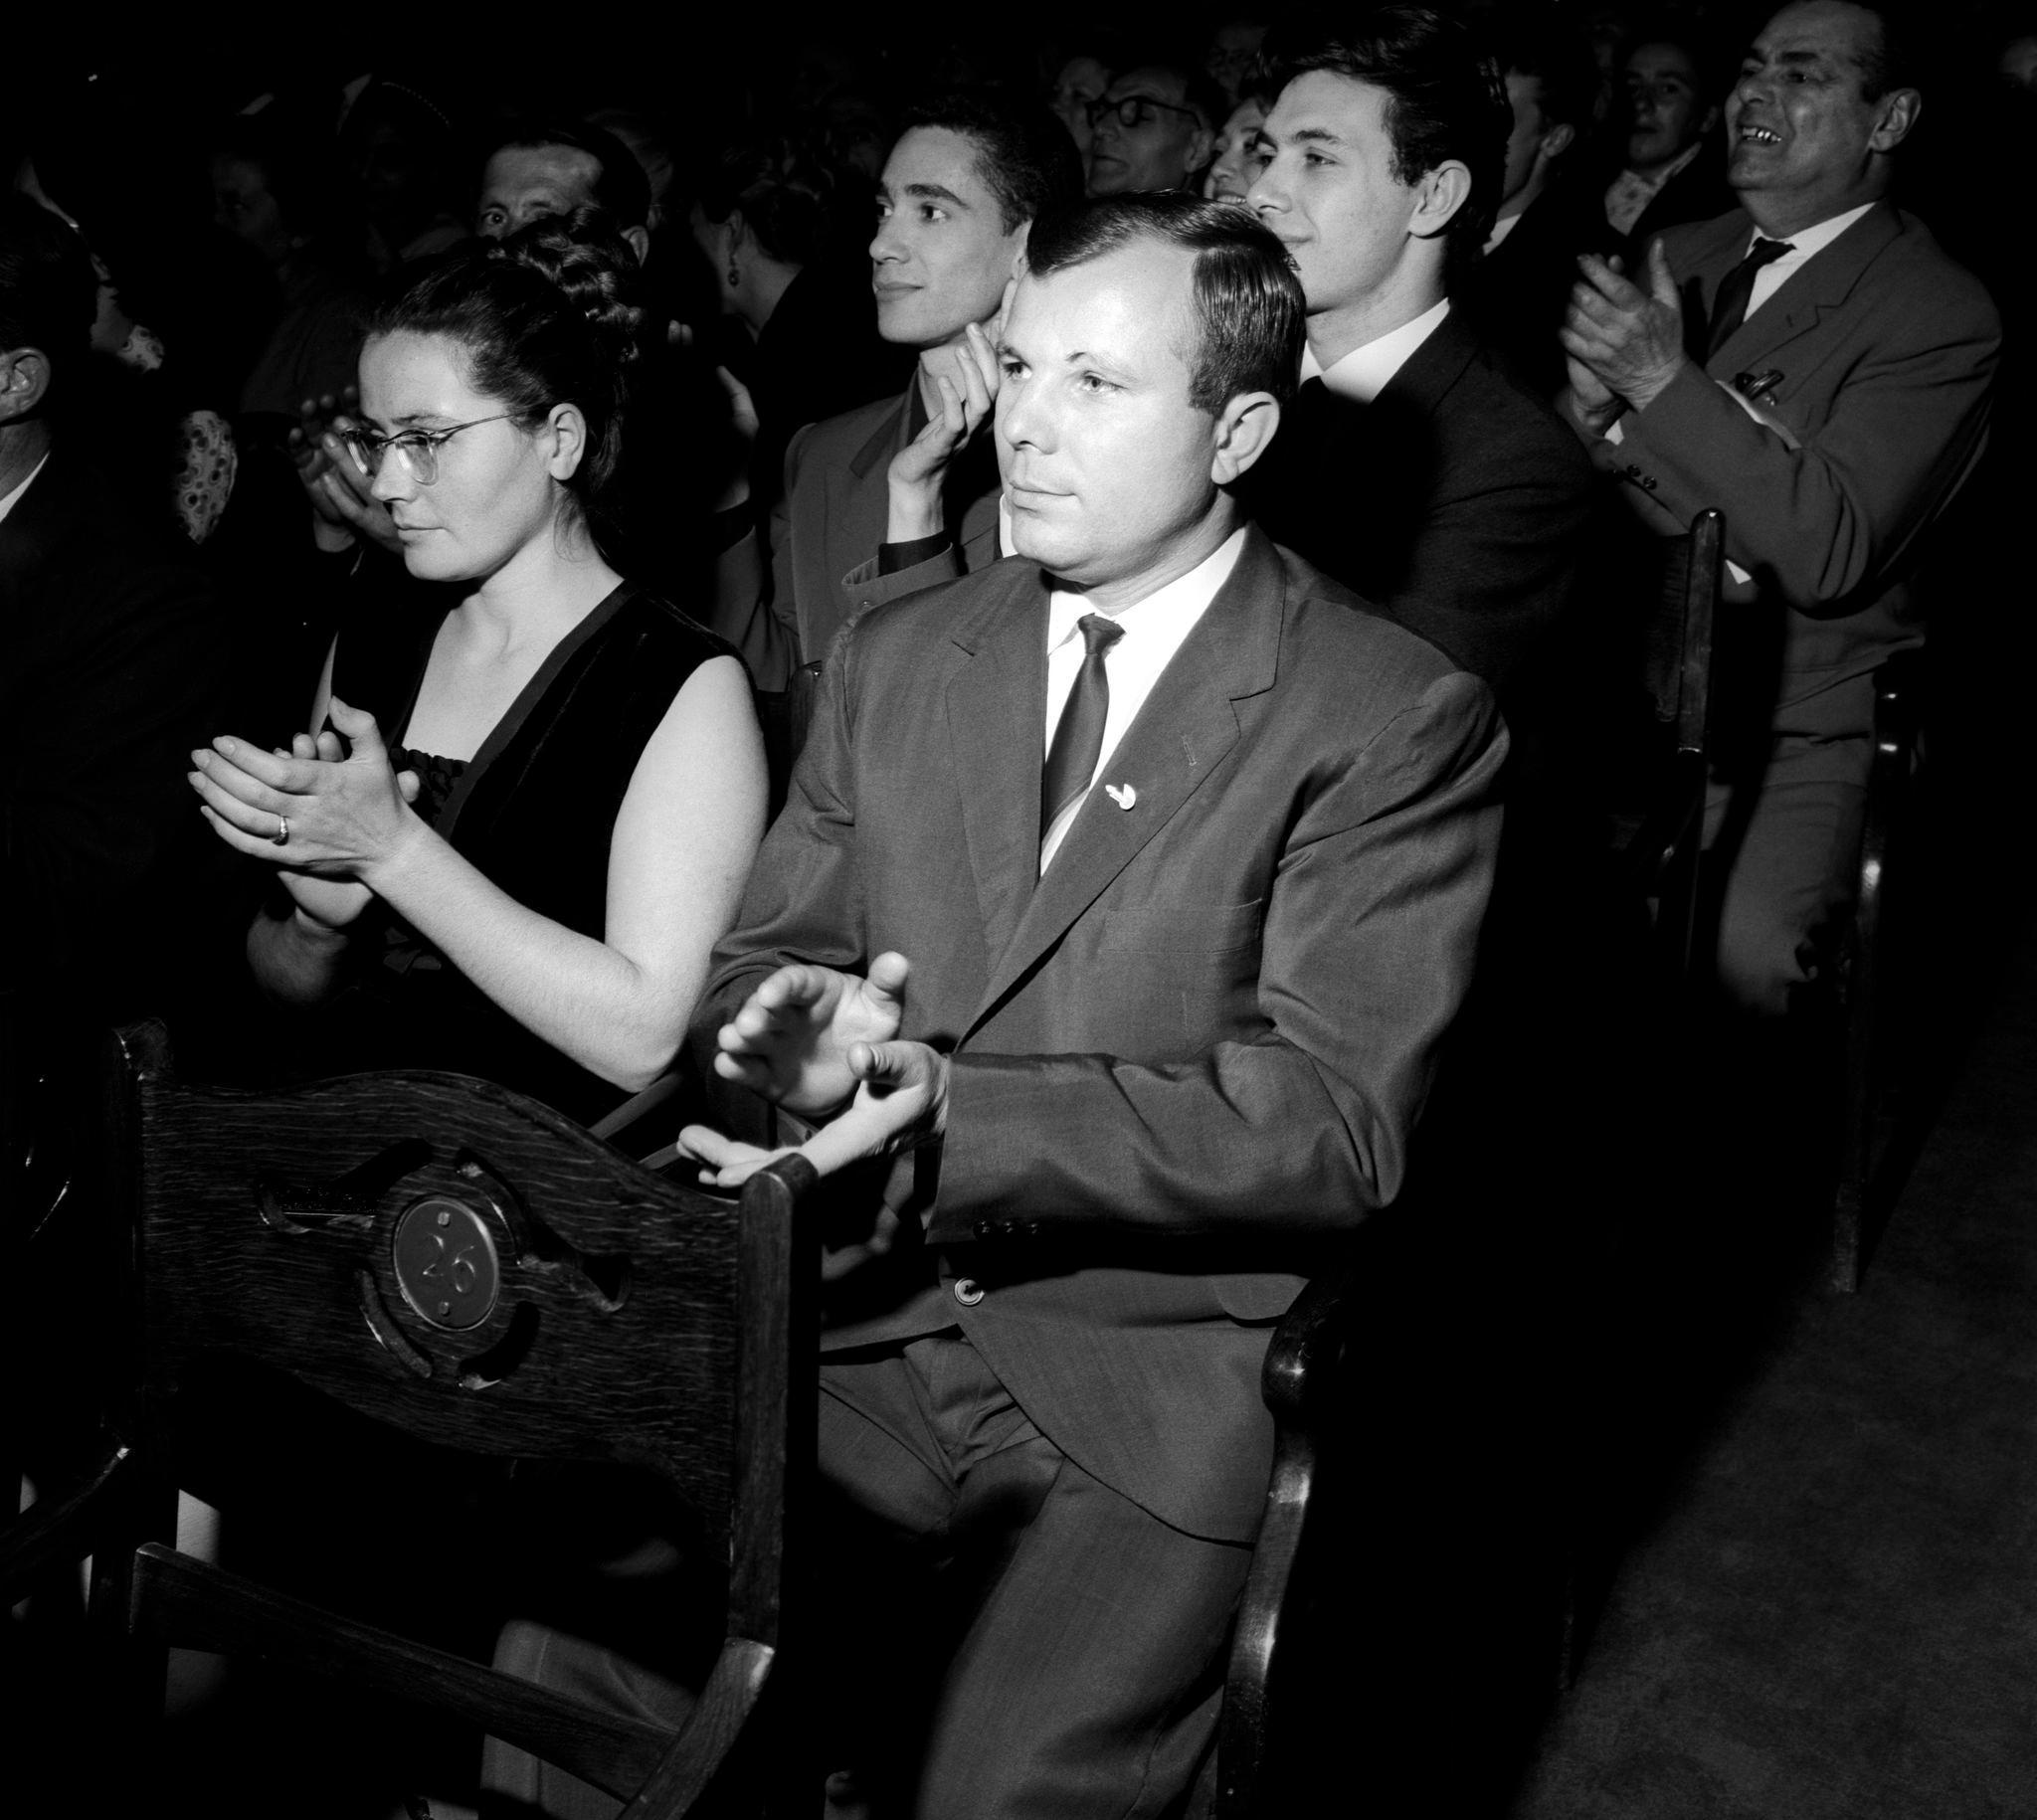 Юрий Гагарин и его жена Валентина аплодируют артистам театра Ла Скала, которыетолько что исполнили «Турандот». Большой театр, сентябрь (1).png